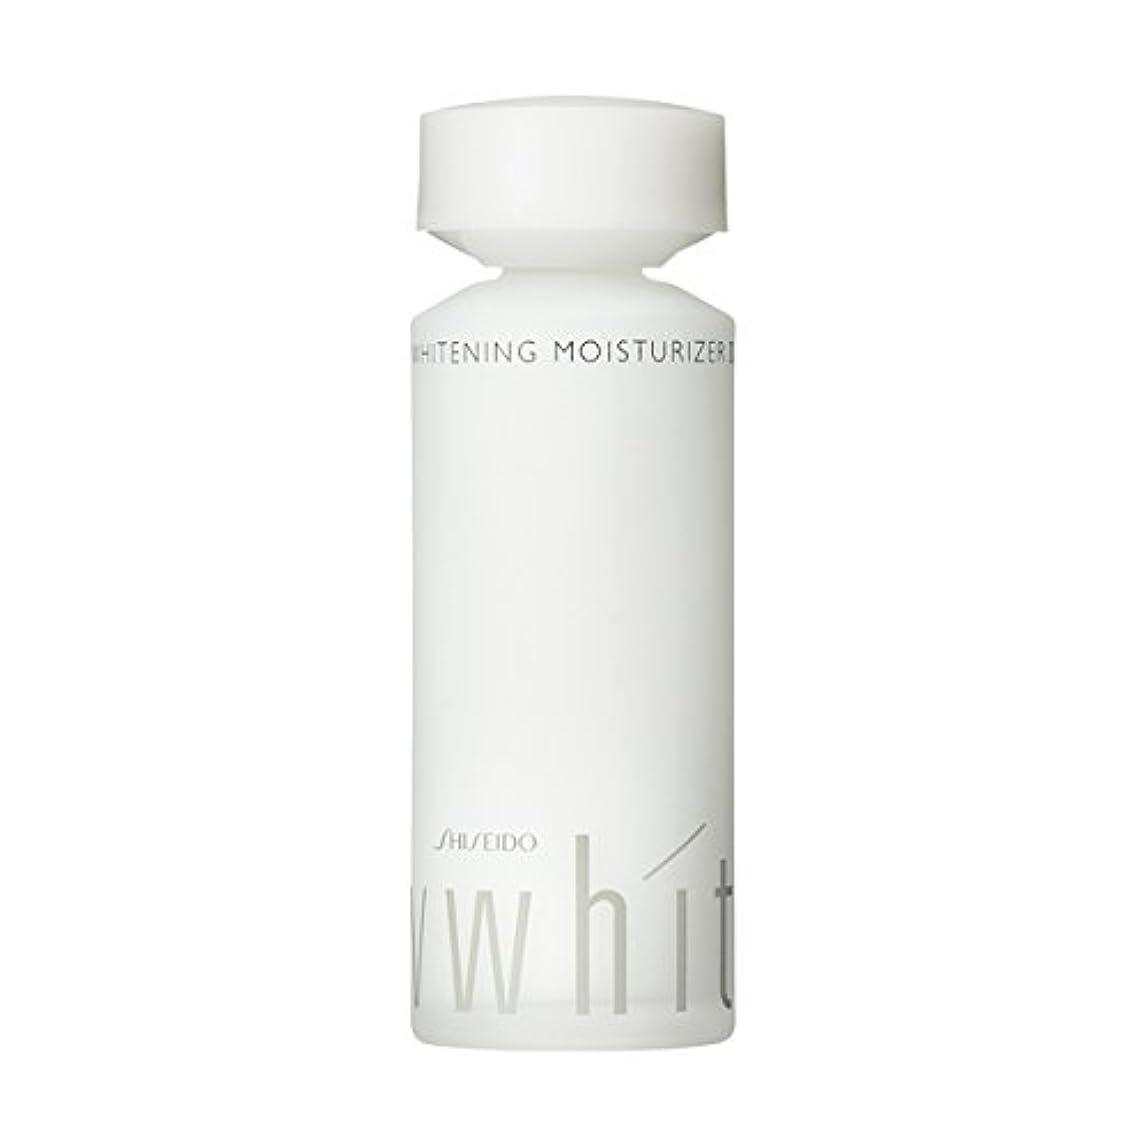 UVホワイト ホワイトニング モイスチャーライザー 2 100mL 【医薬部外品】